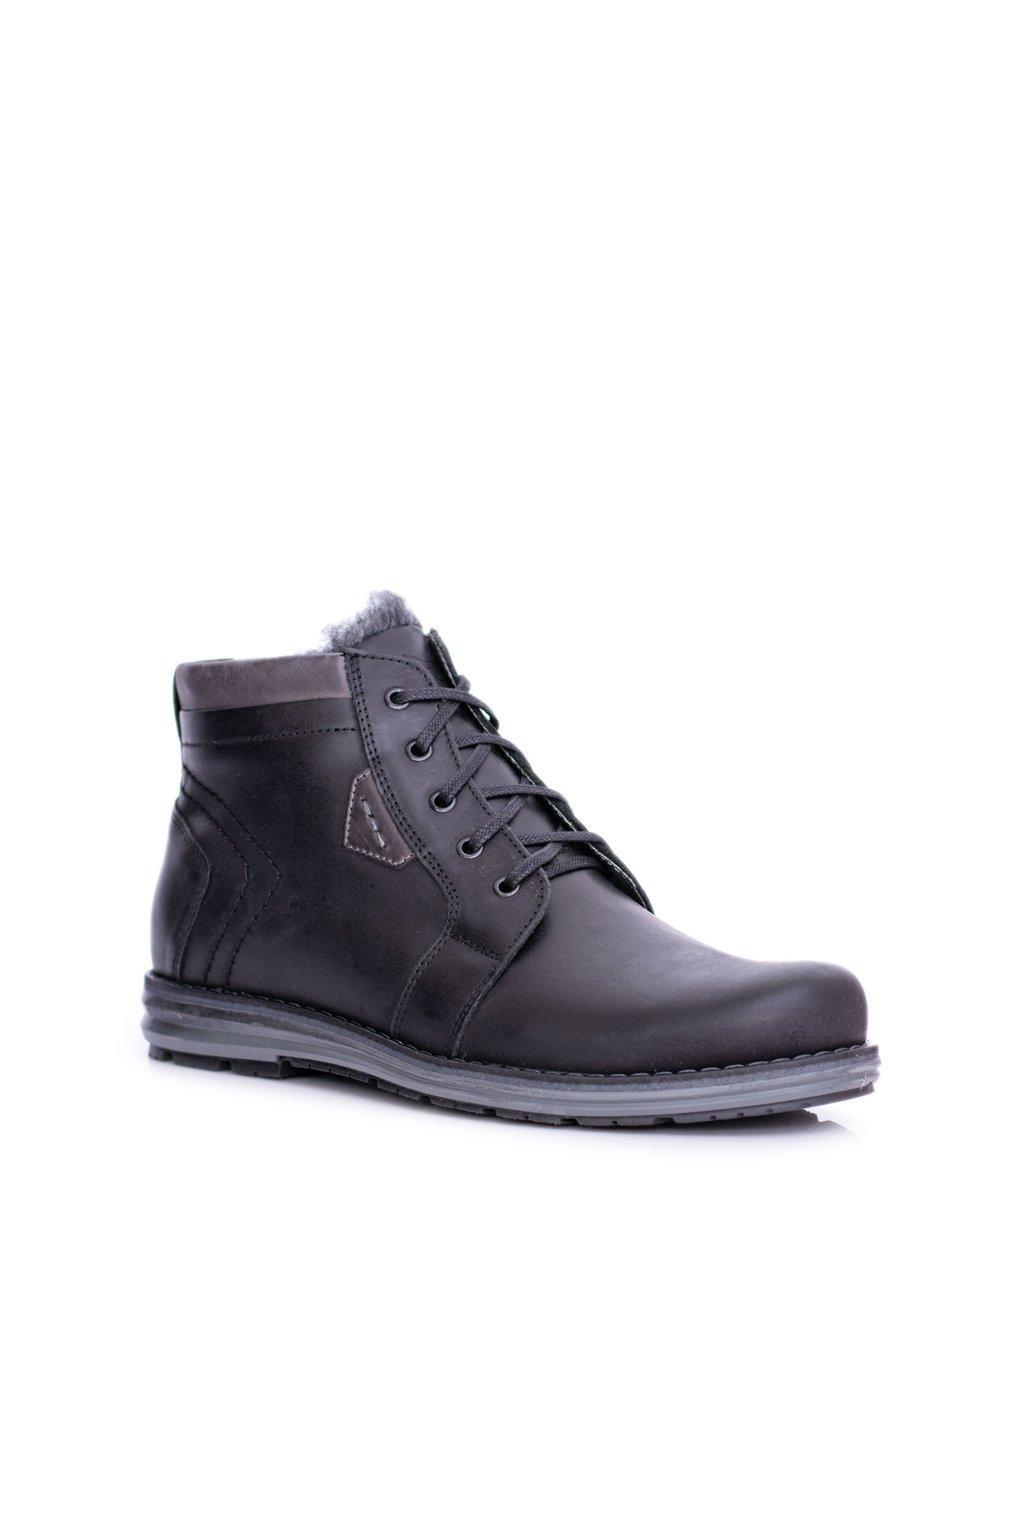 pánske kožené topánky čierne Teplé topánky Verno